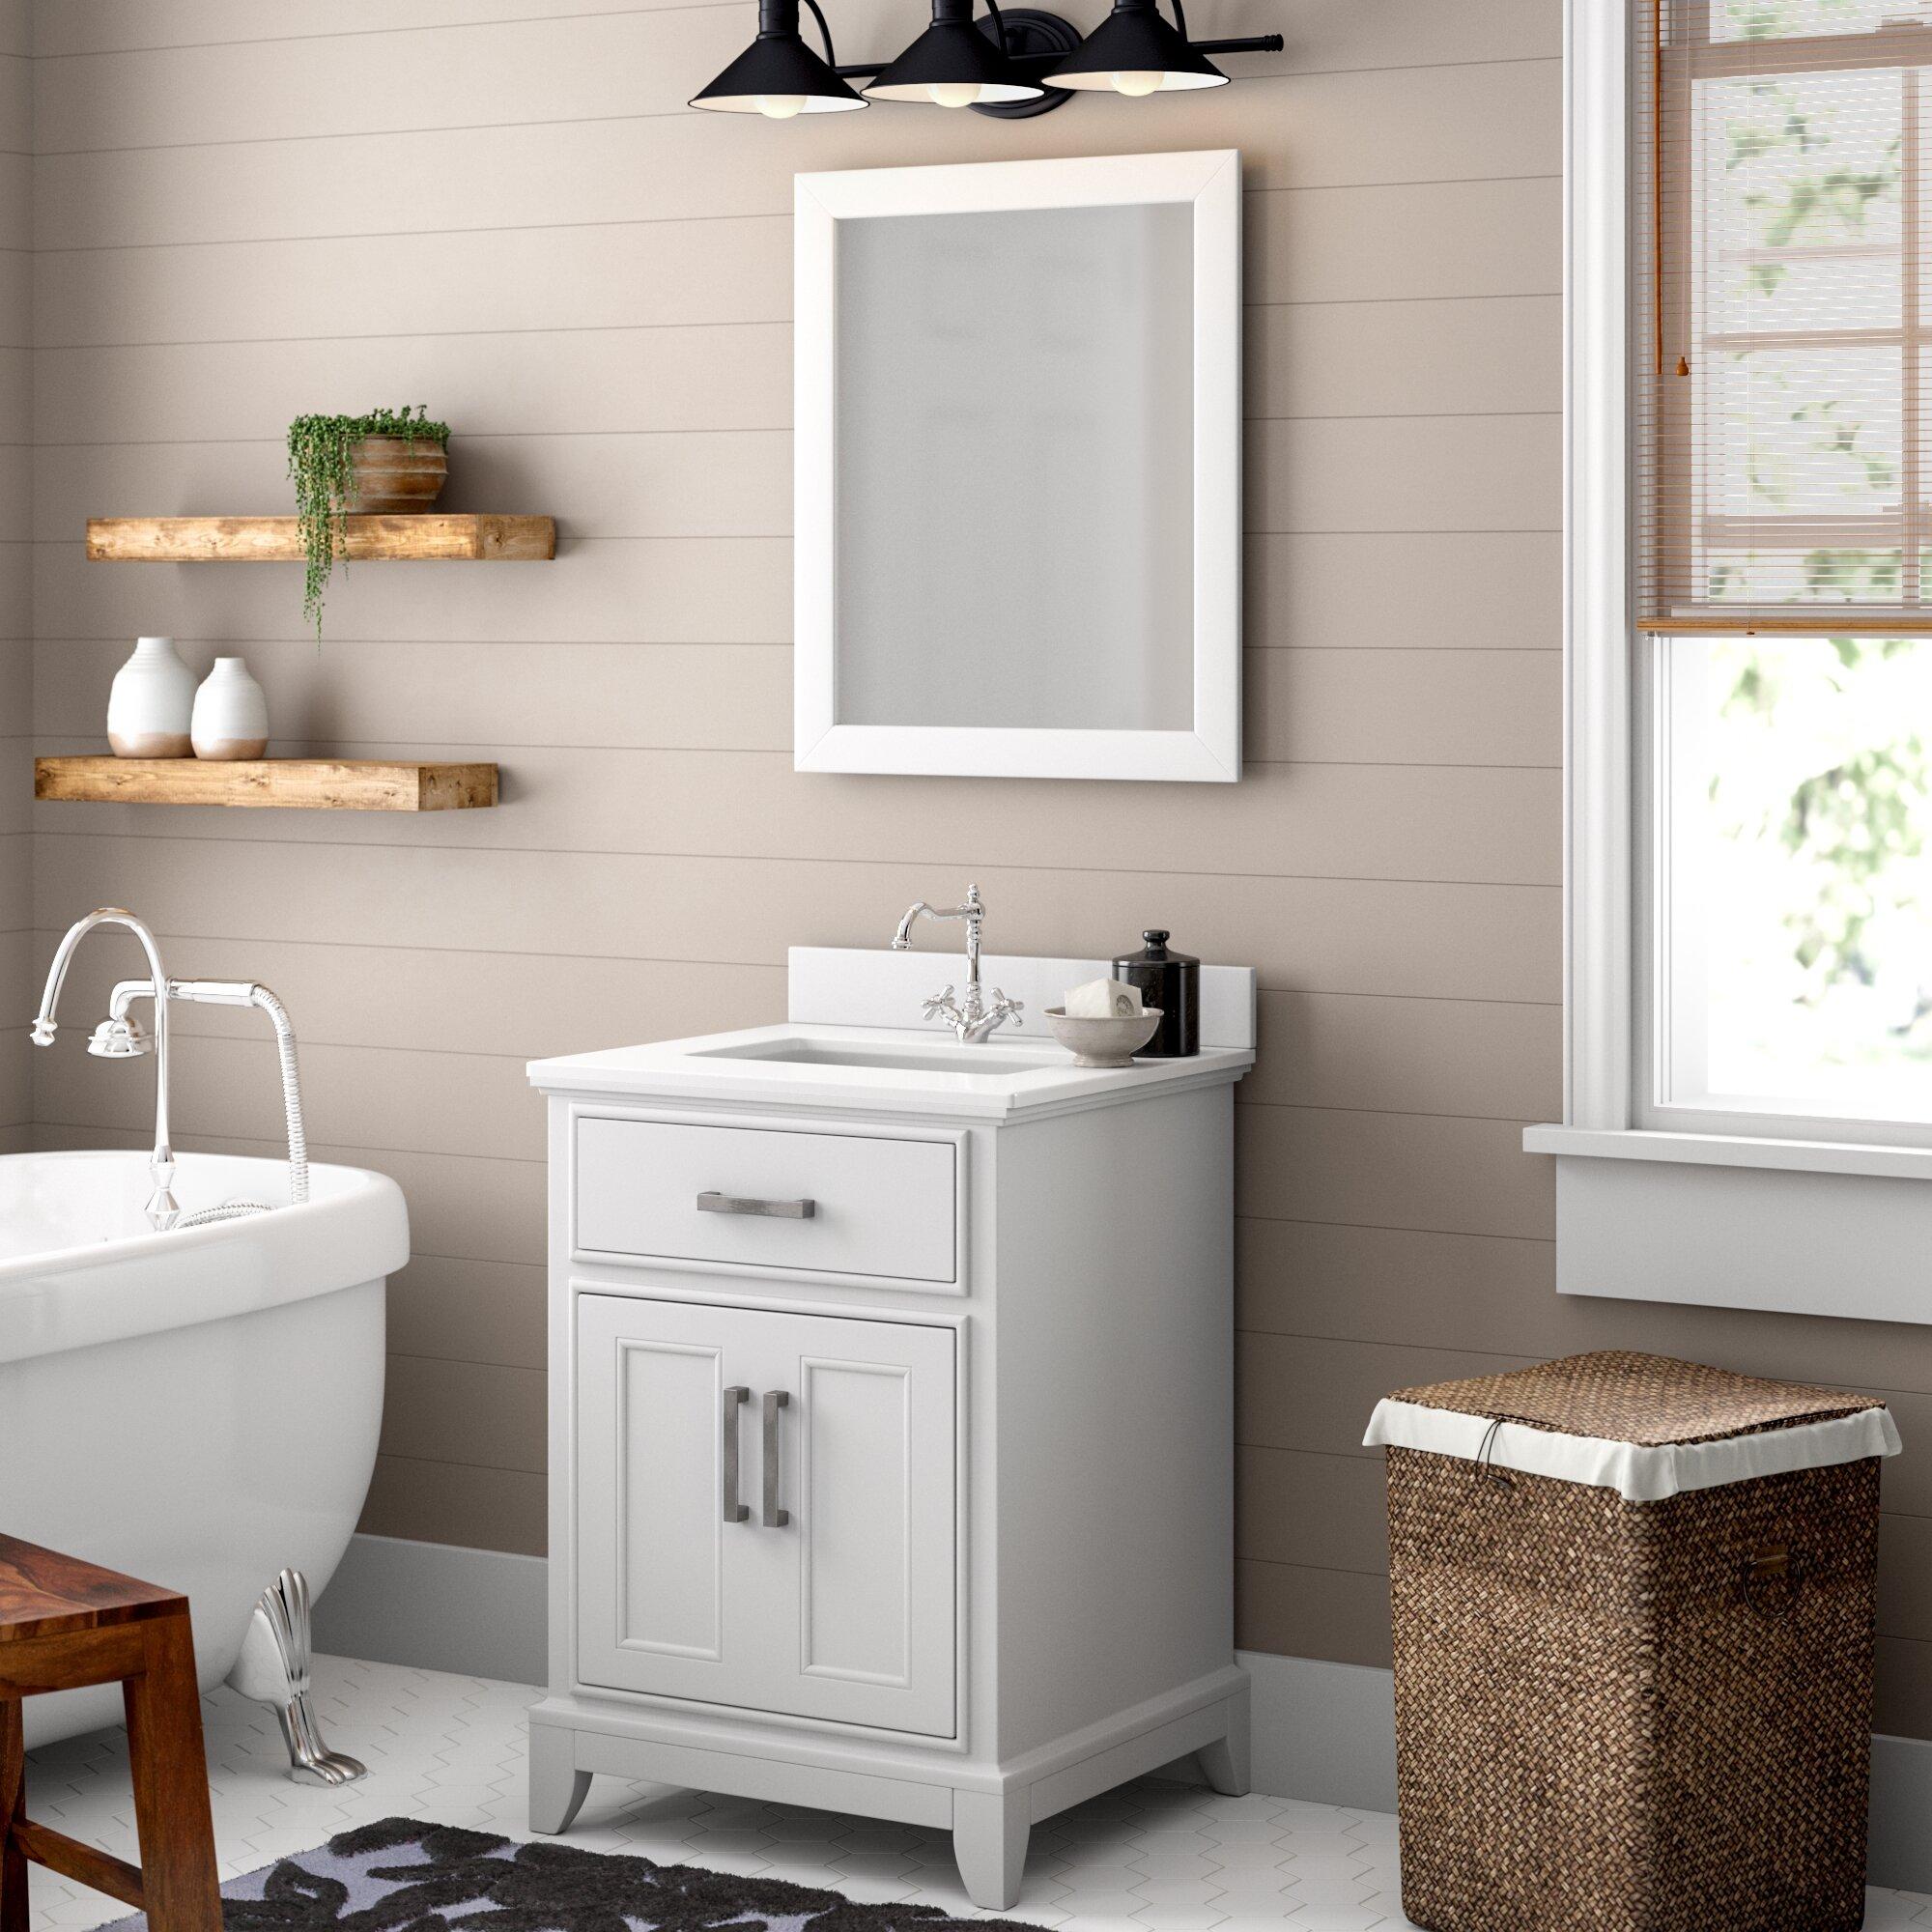 Gracie Oaks Cloran 24 Single Bathroom Vanity Set With Mirror Reviews Wayfair